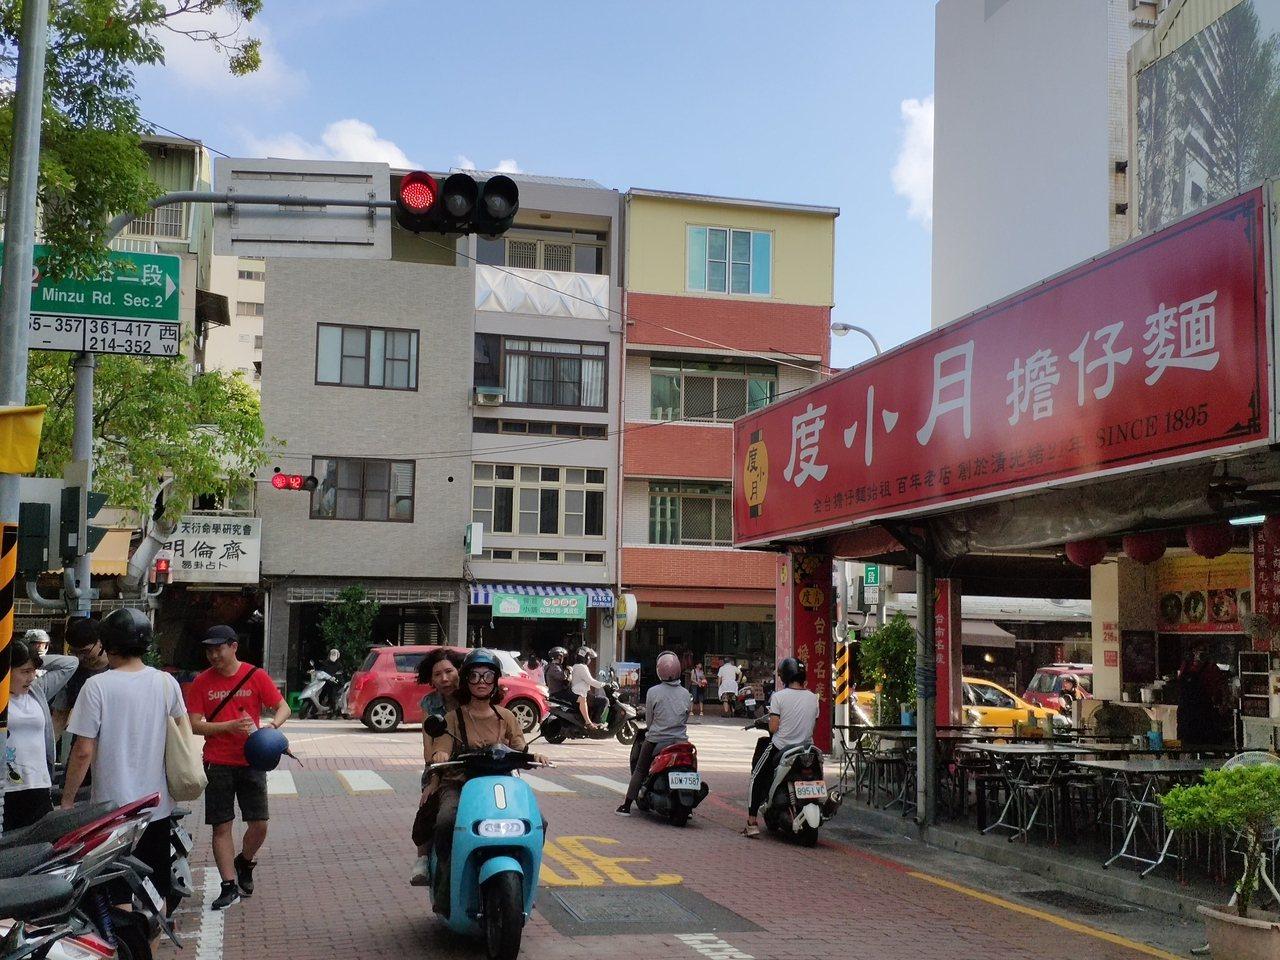 台南市區赤崁樓旁的度小月擔仔麵,觀光客是消費主力。  圖/謝進盛 攝影